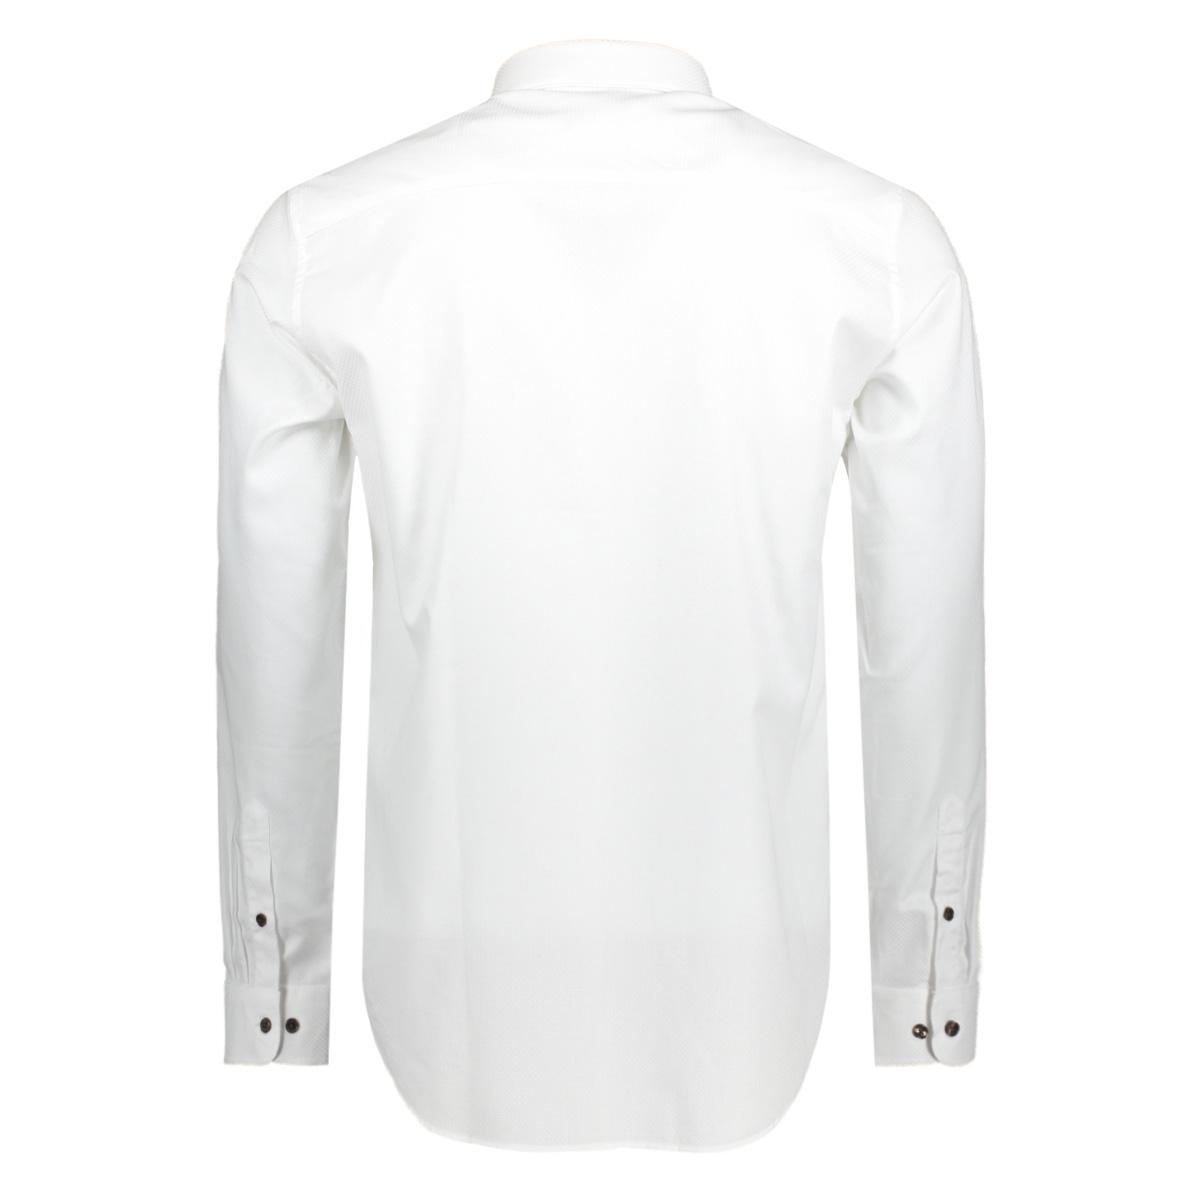 trostol 30202399 matinique overhemd 20090 white